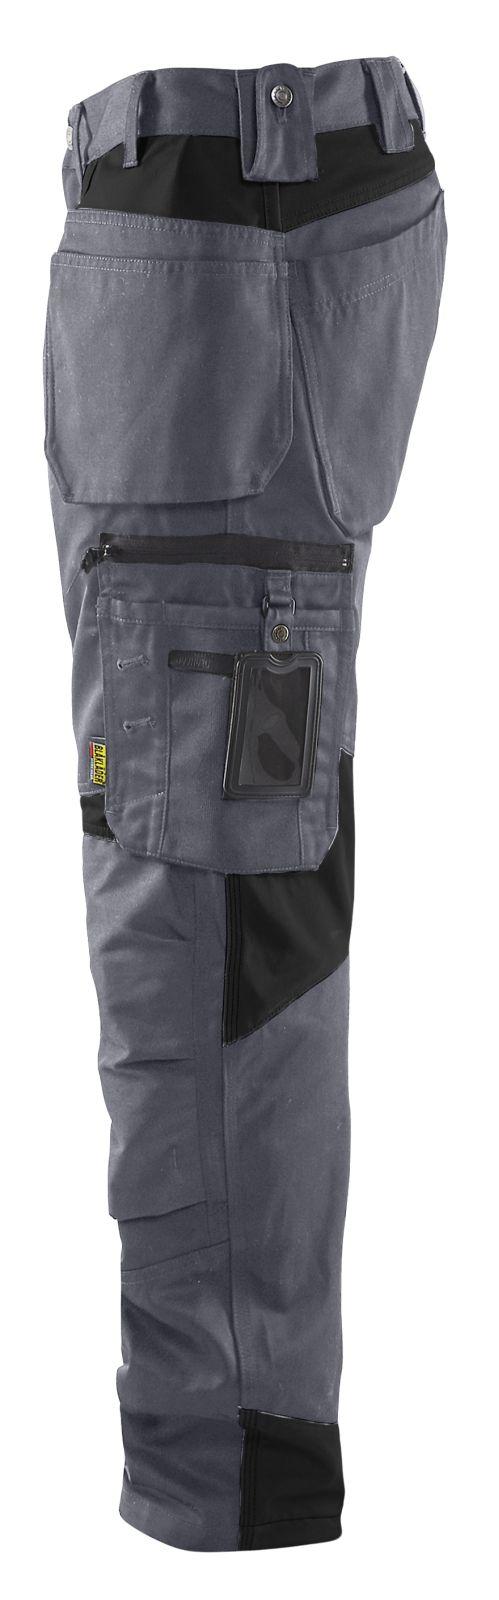 Blaklader Werkbroeken 15551860 grijs-zwart(9499)